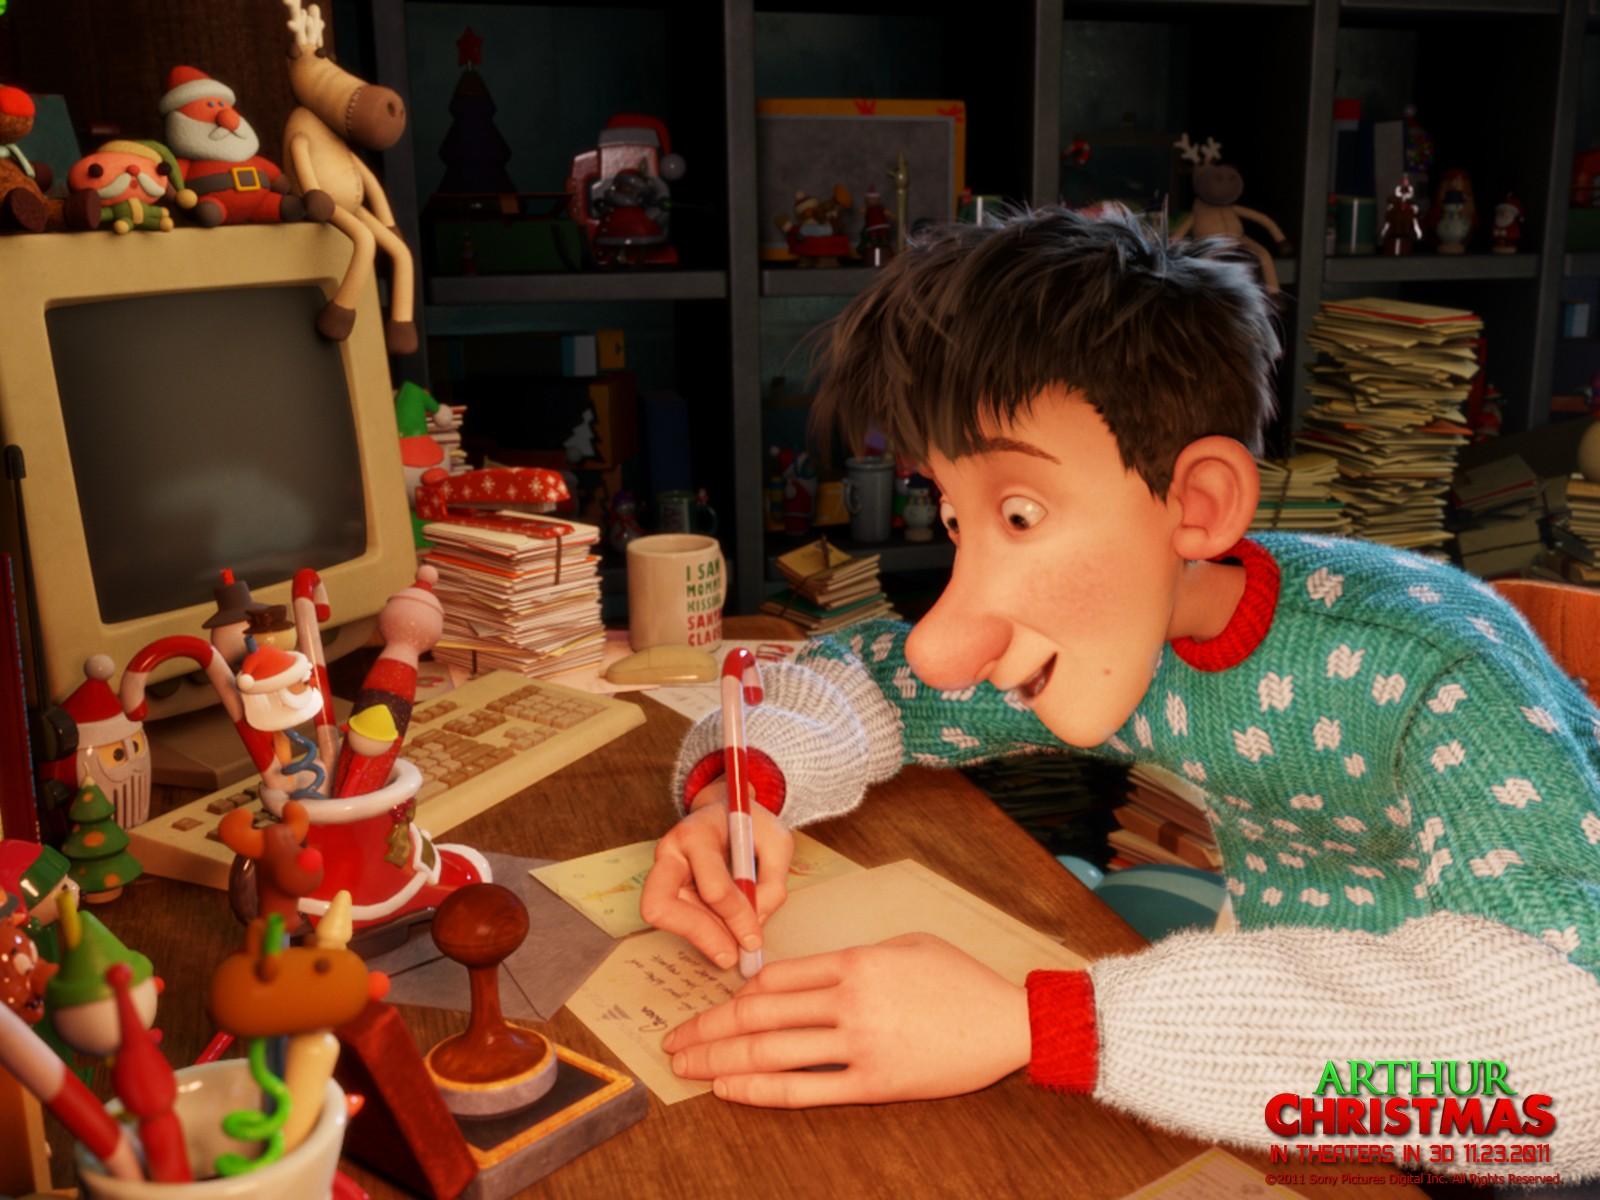 http://4.bp.blogspot.com/--hWHII-nmZ8/T1ubZx6AK3I/AAAAAAAAAEs/rWa5_048FXo/s1600/arthur-christmas+image.jpg